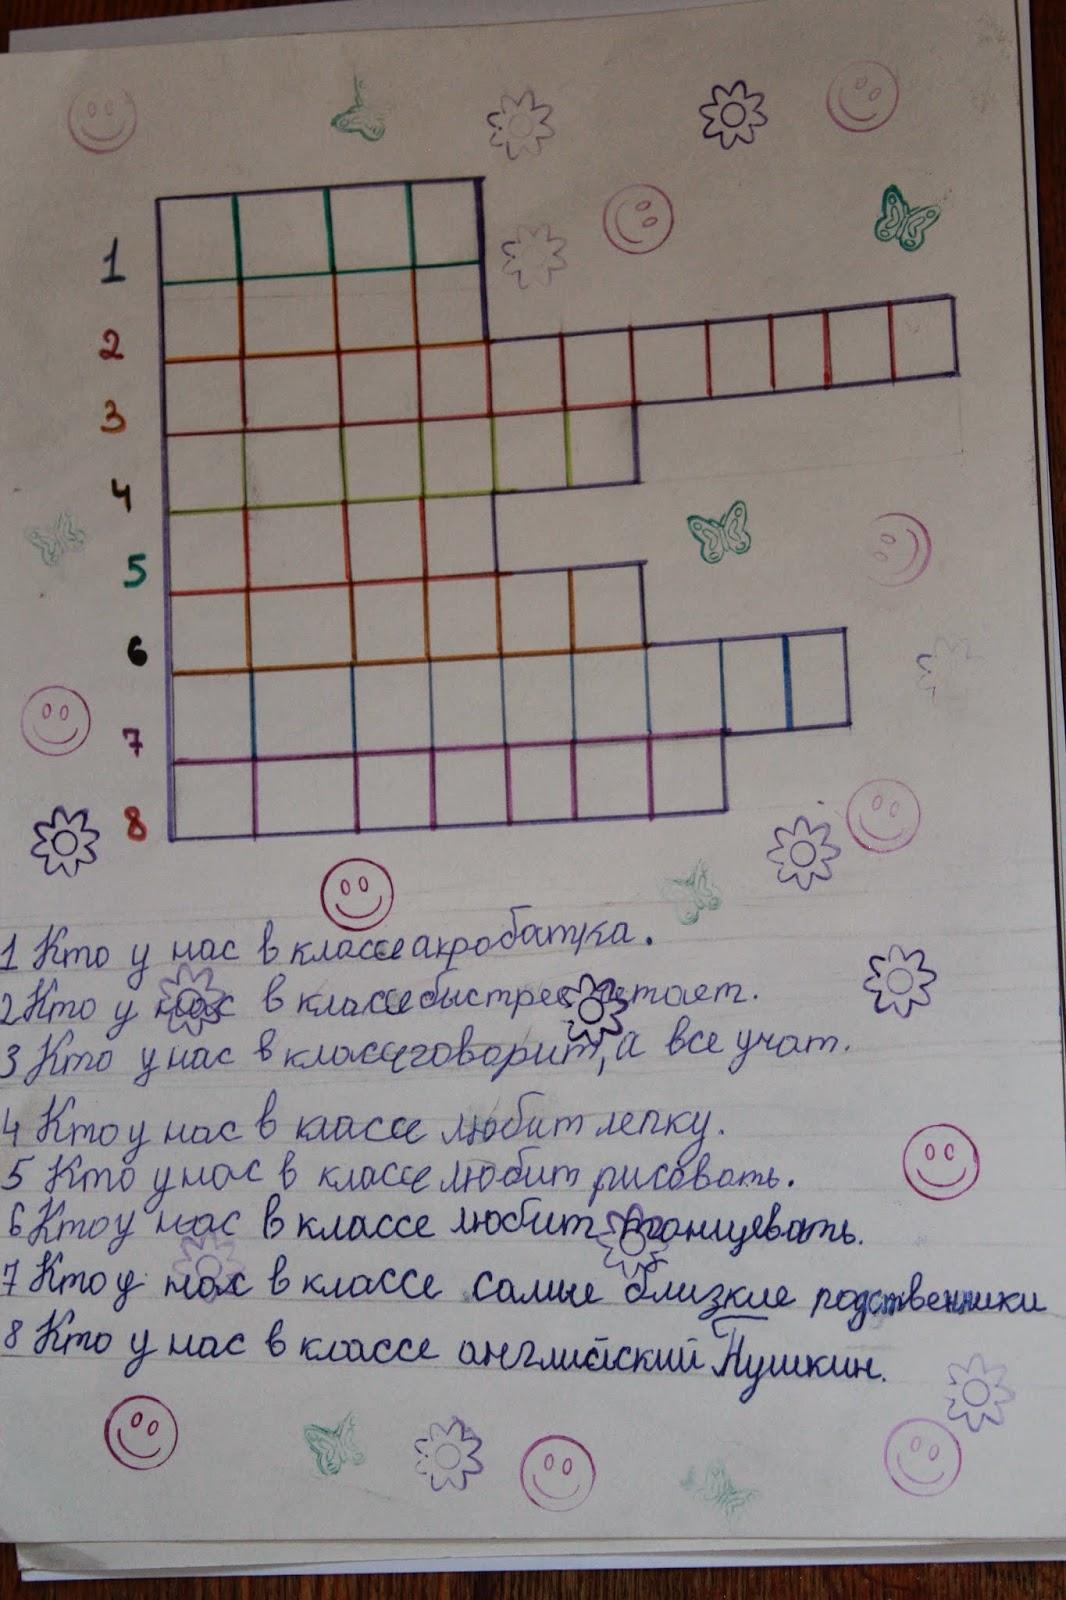 журнал лиза лабиринт кроссвордов